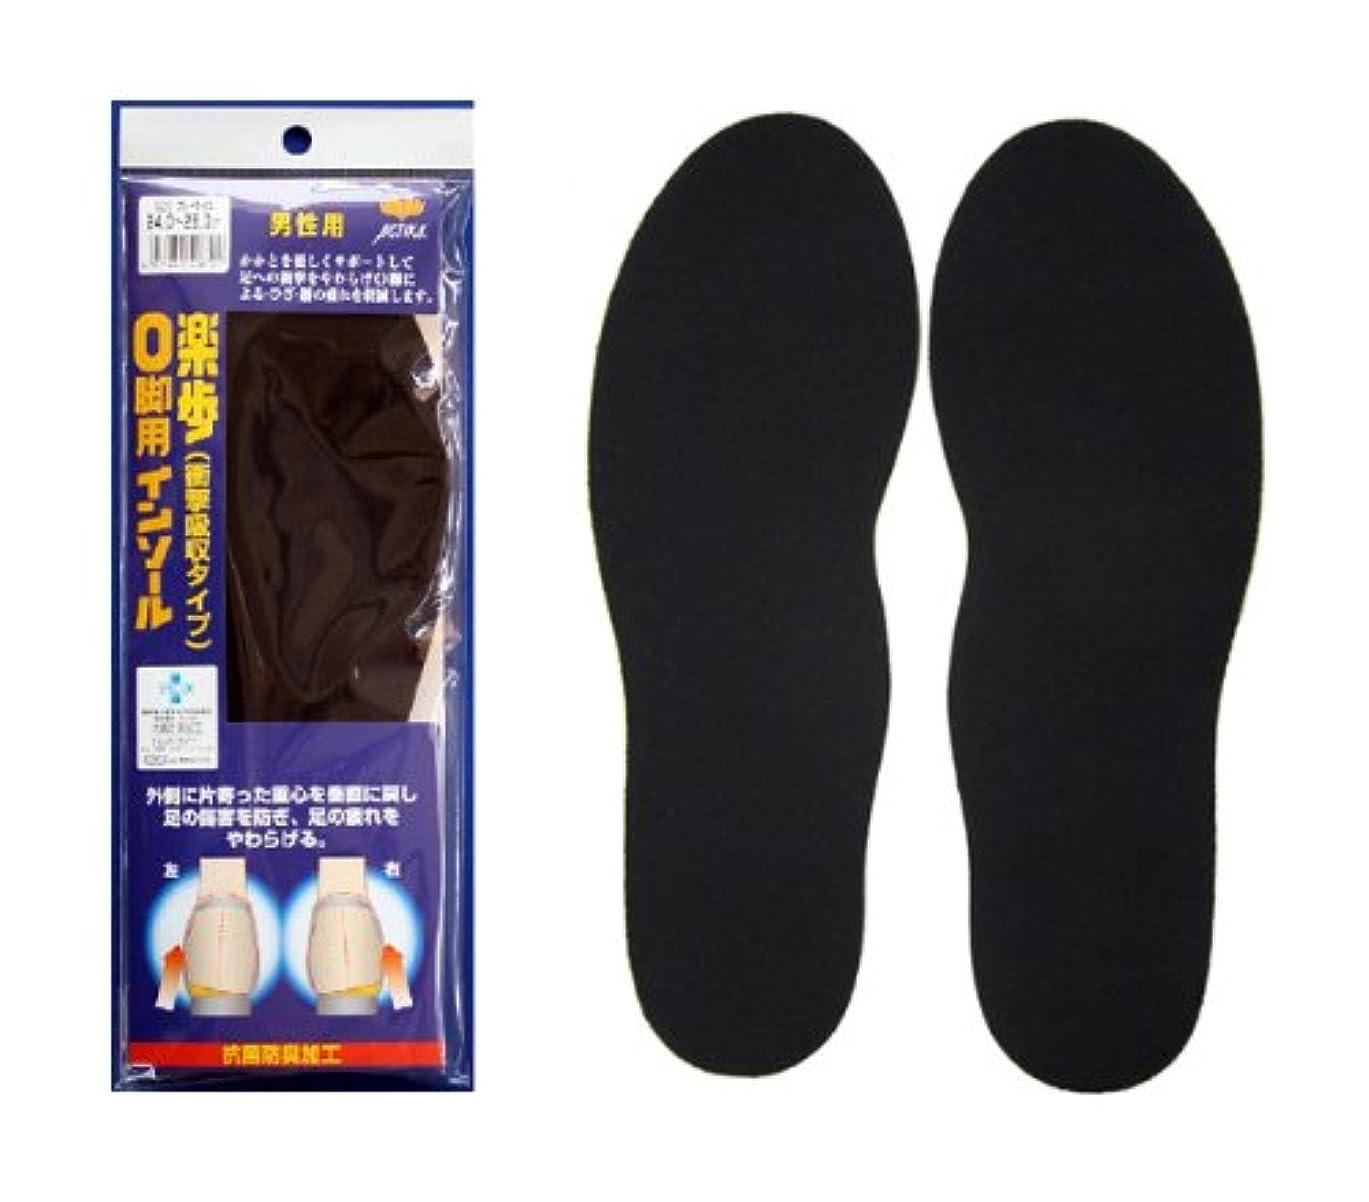 一部手荷物体細胞楽歩 O脚用インソール 男性用(24.0~28.0cm) 2足セット  No.162